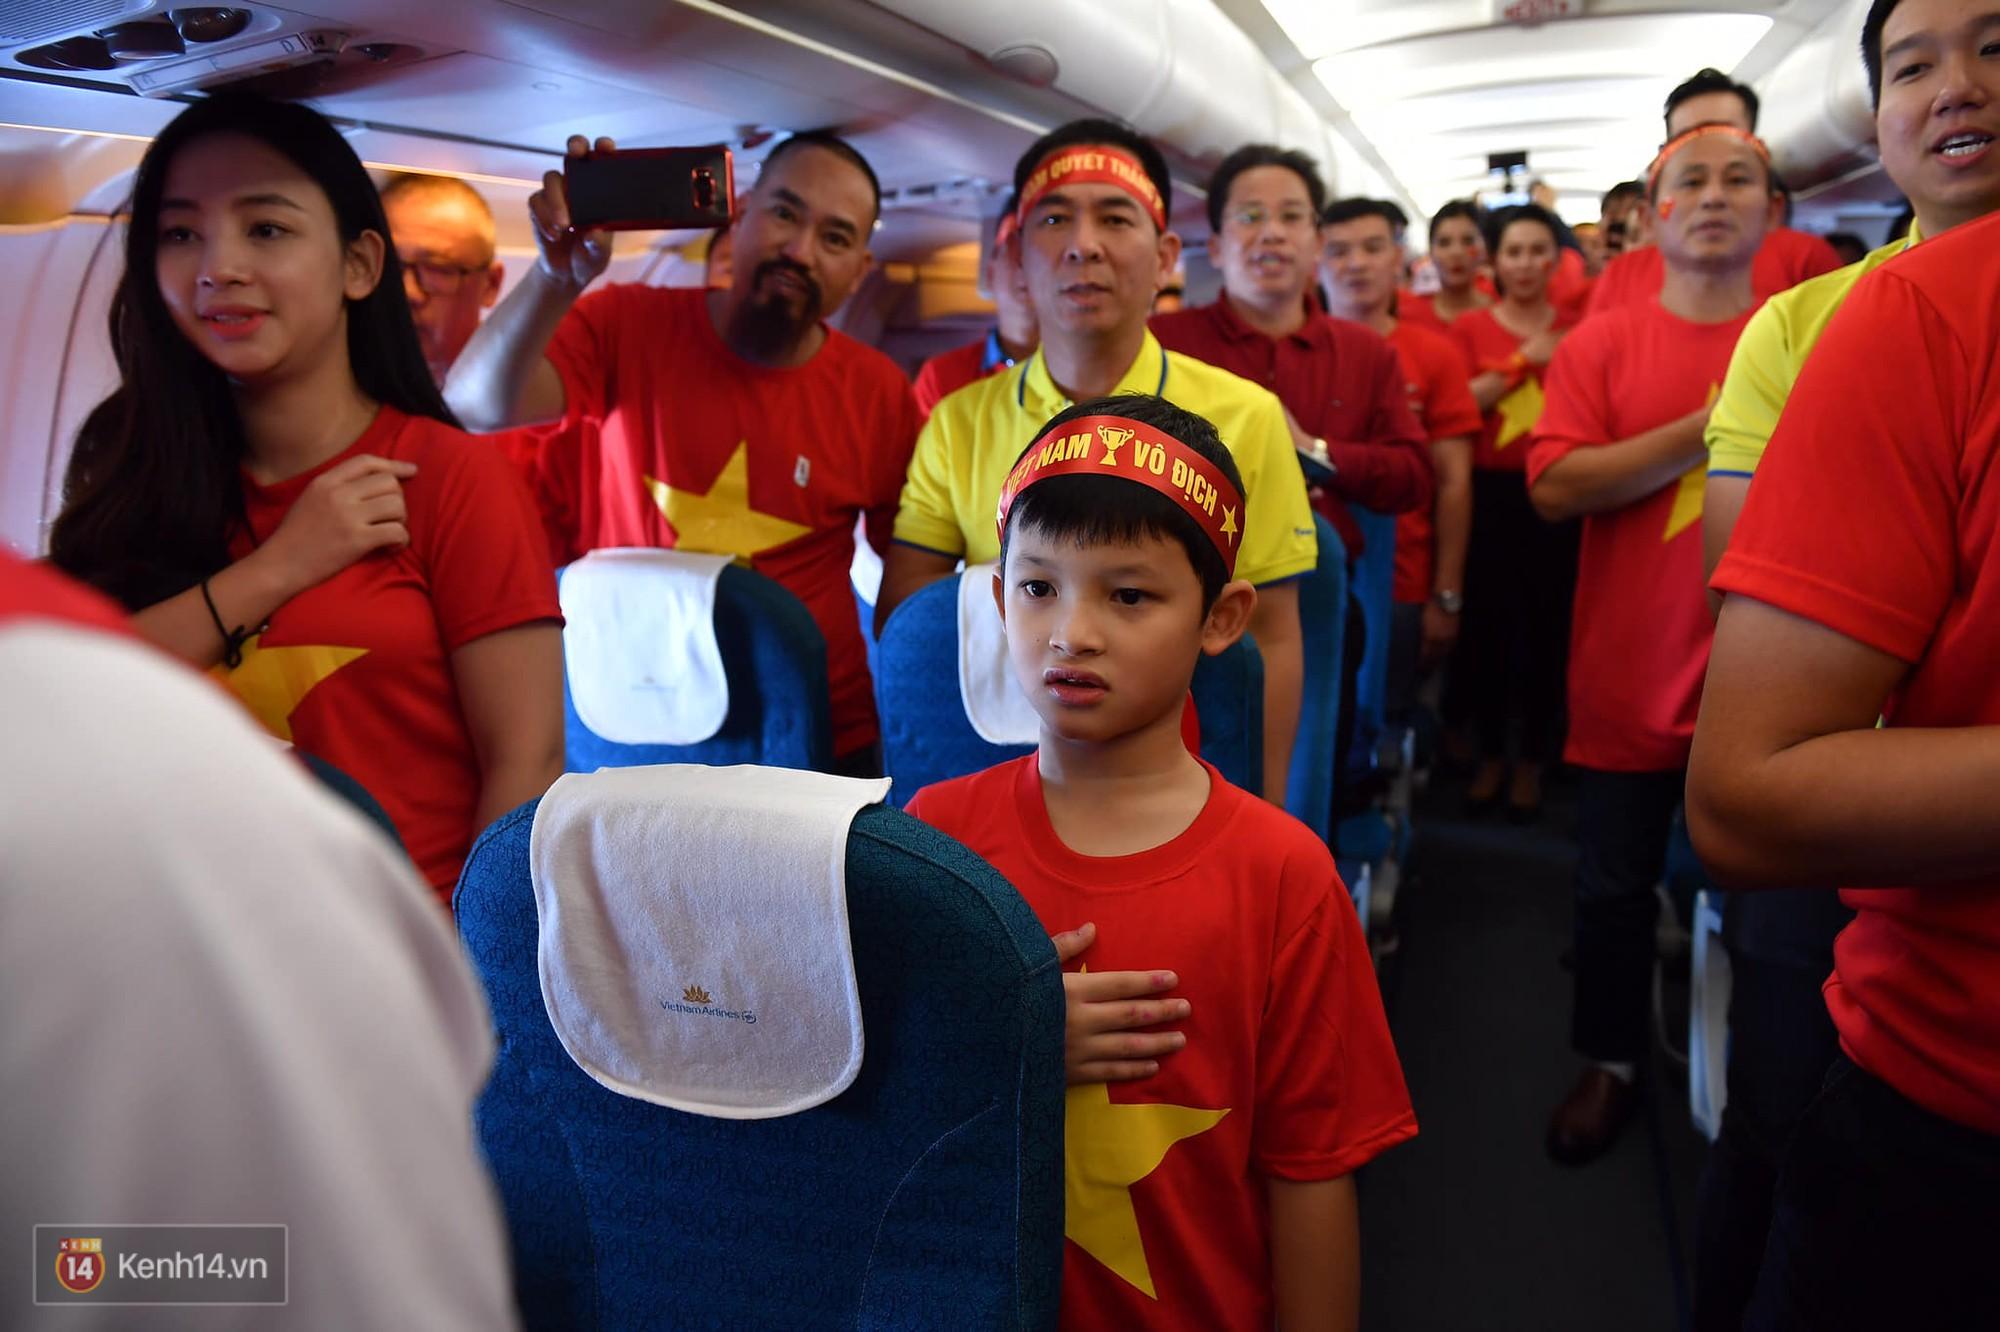 CĐV Việt Nam cùng nhau hát Quốc ca ở độ cao 10.000m, hết mình cổ vũ cho ĐT nước nhà trong trận chung kết AFF Cup 2018 3